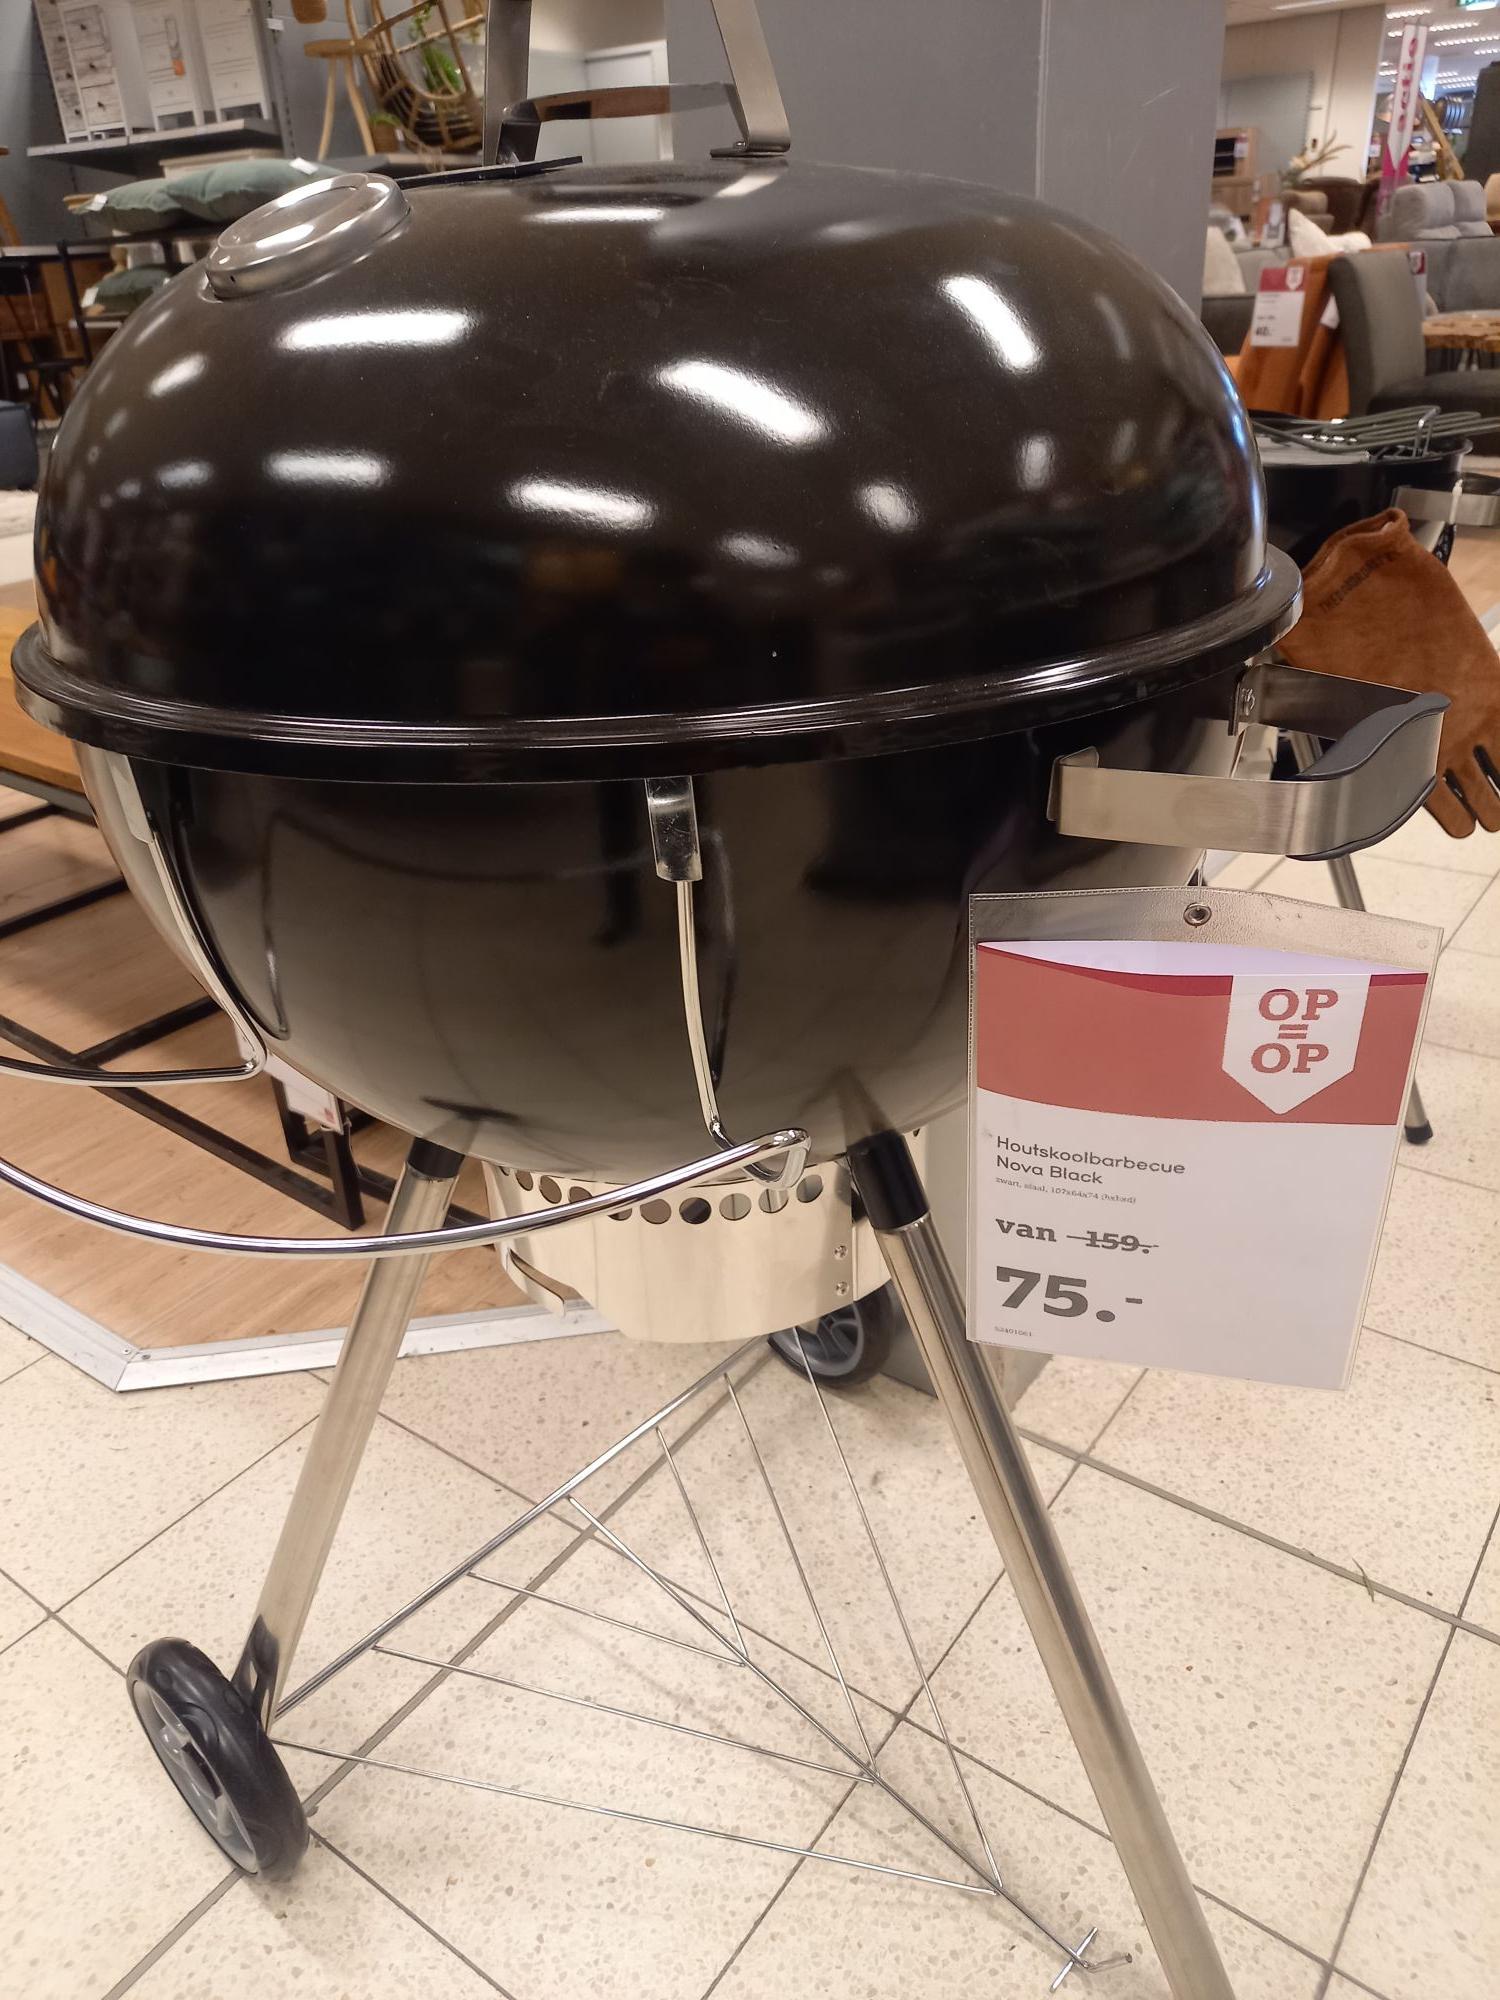 Patton nova black 47cm en 57cm (foto) houtskool barbecue @Leen Bakker Uden